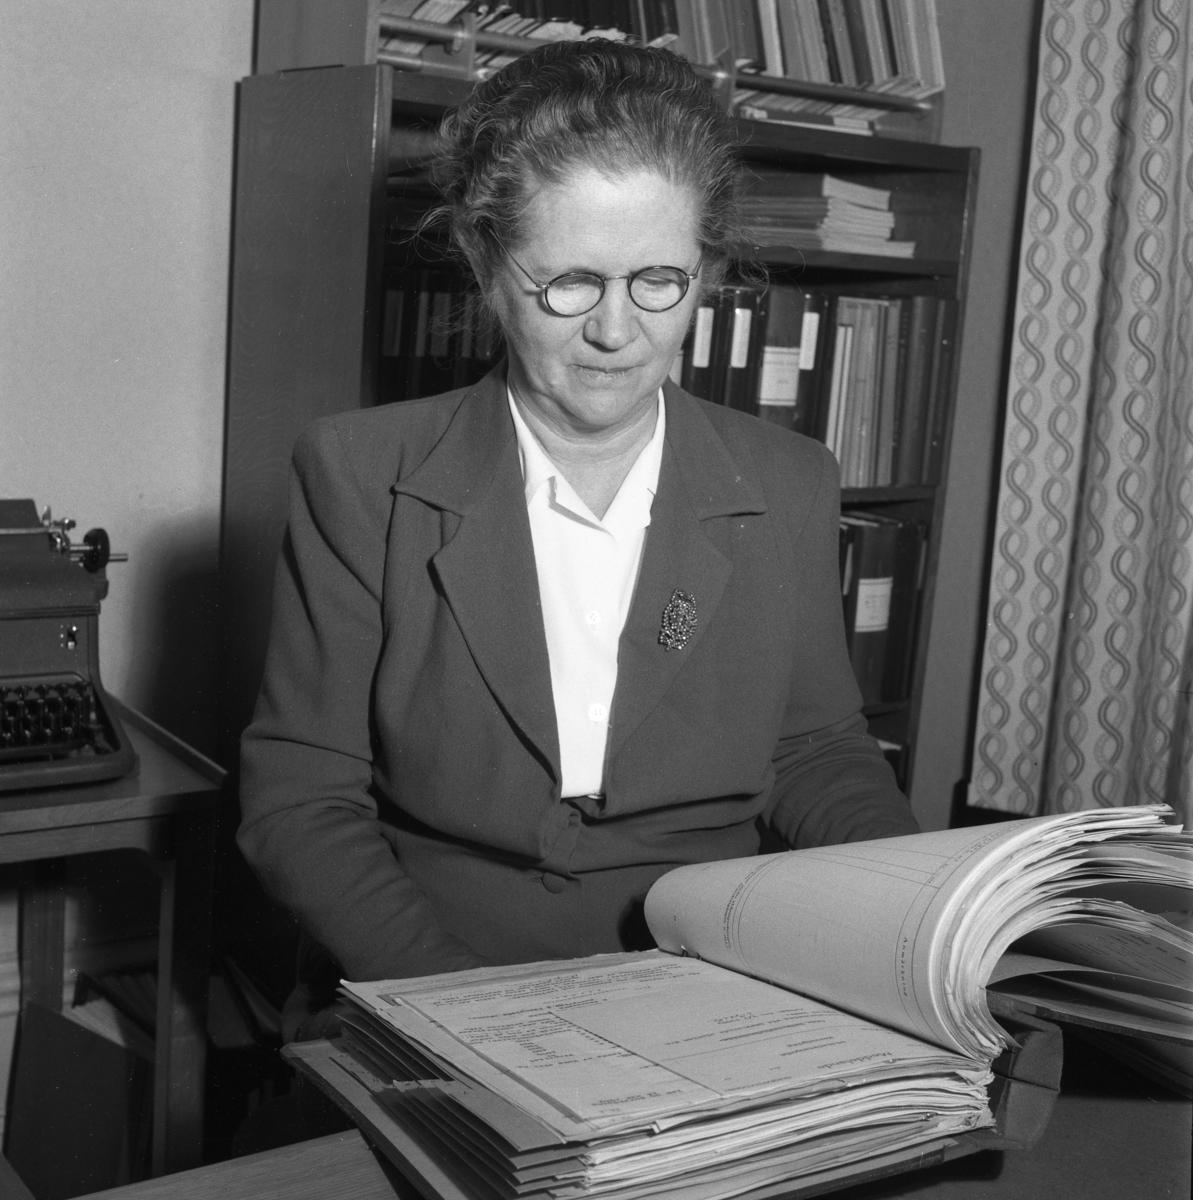 Telekommissarie Eva Geete på Televerket, Sohlénska huset, på Nygatan. Eva bär glasögon och är klädd i en dräktjacka med en brosch på slaget. Läs om Televerket och branden 1956 i Arboga Minnes årsbok 1993. Kvinna som sitter vid skrivbordet och bläddrar i en pärm. Bakom henne ses en skrivmaskin på ett lågt bord, en bokhylla med pärmar samt en gardin.